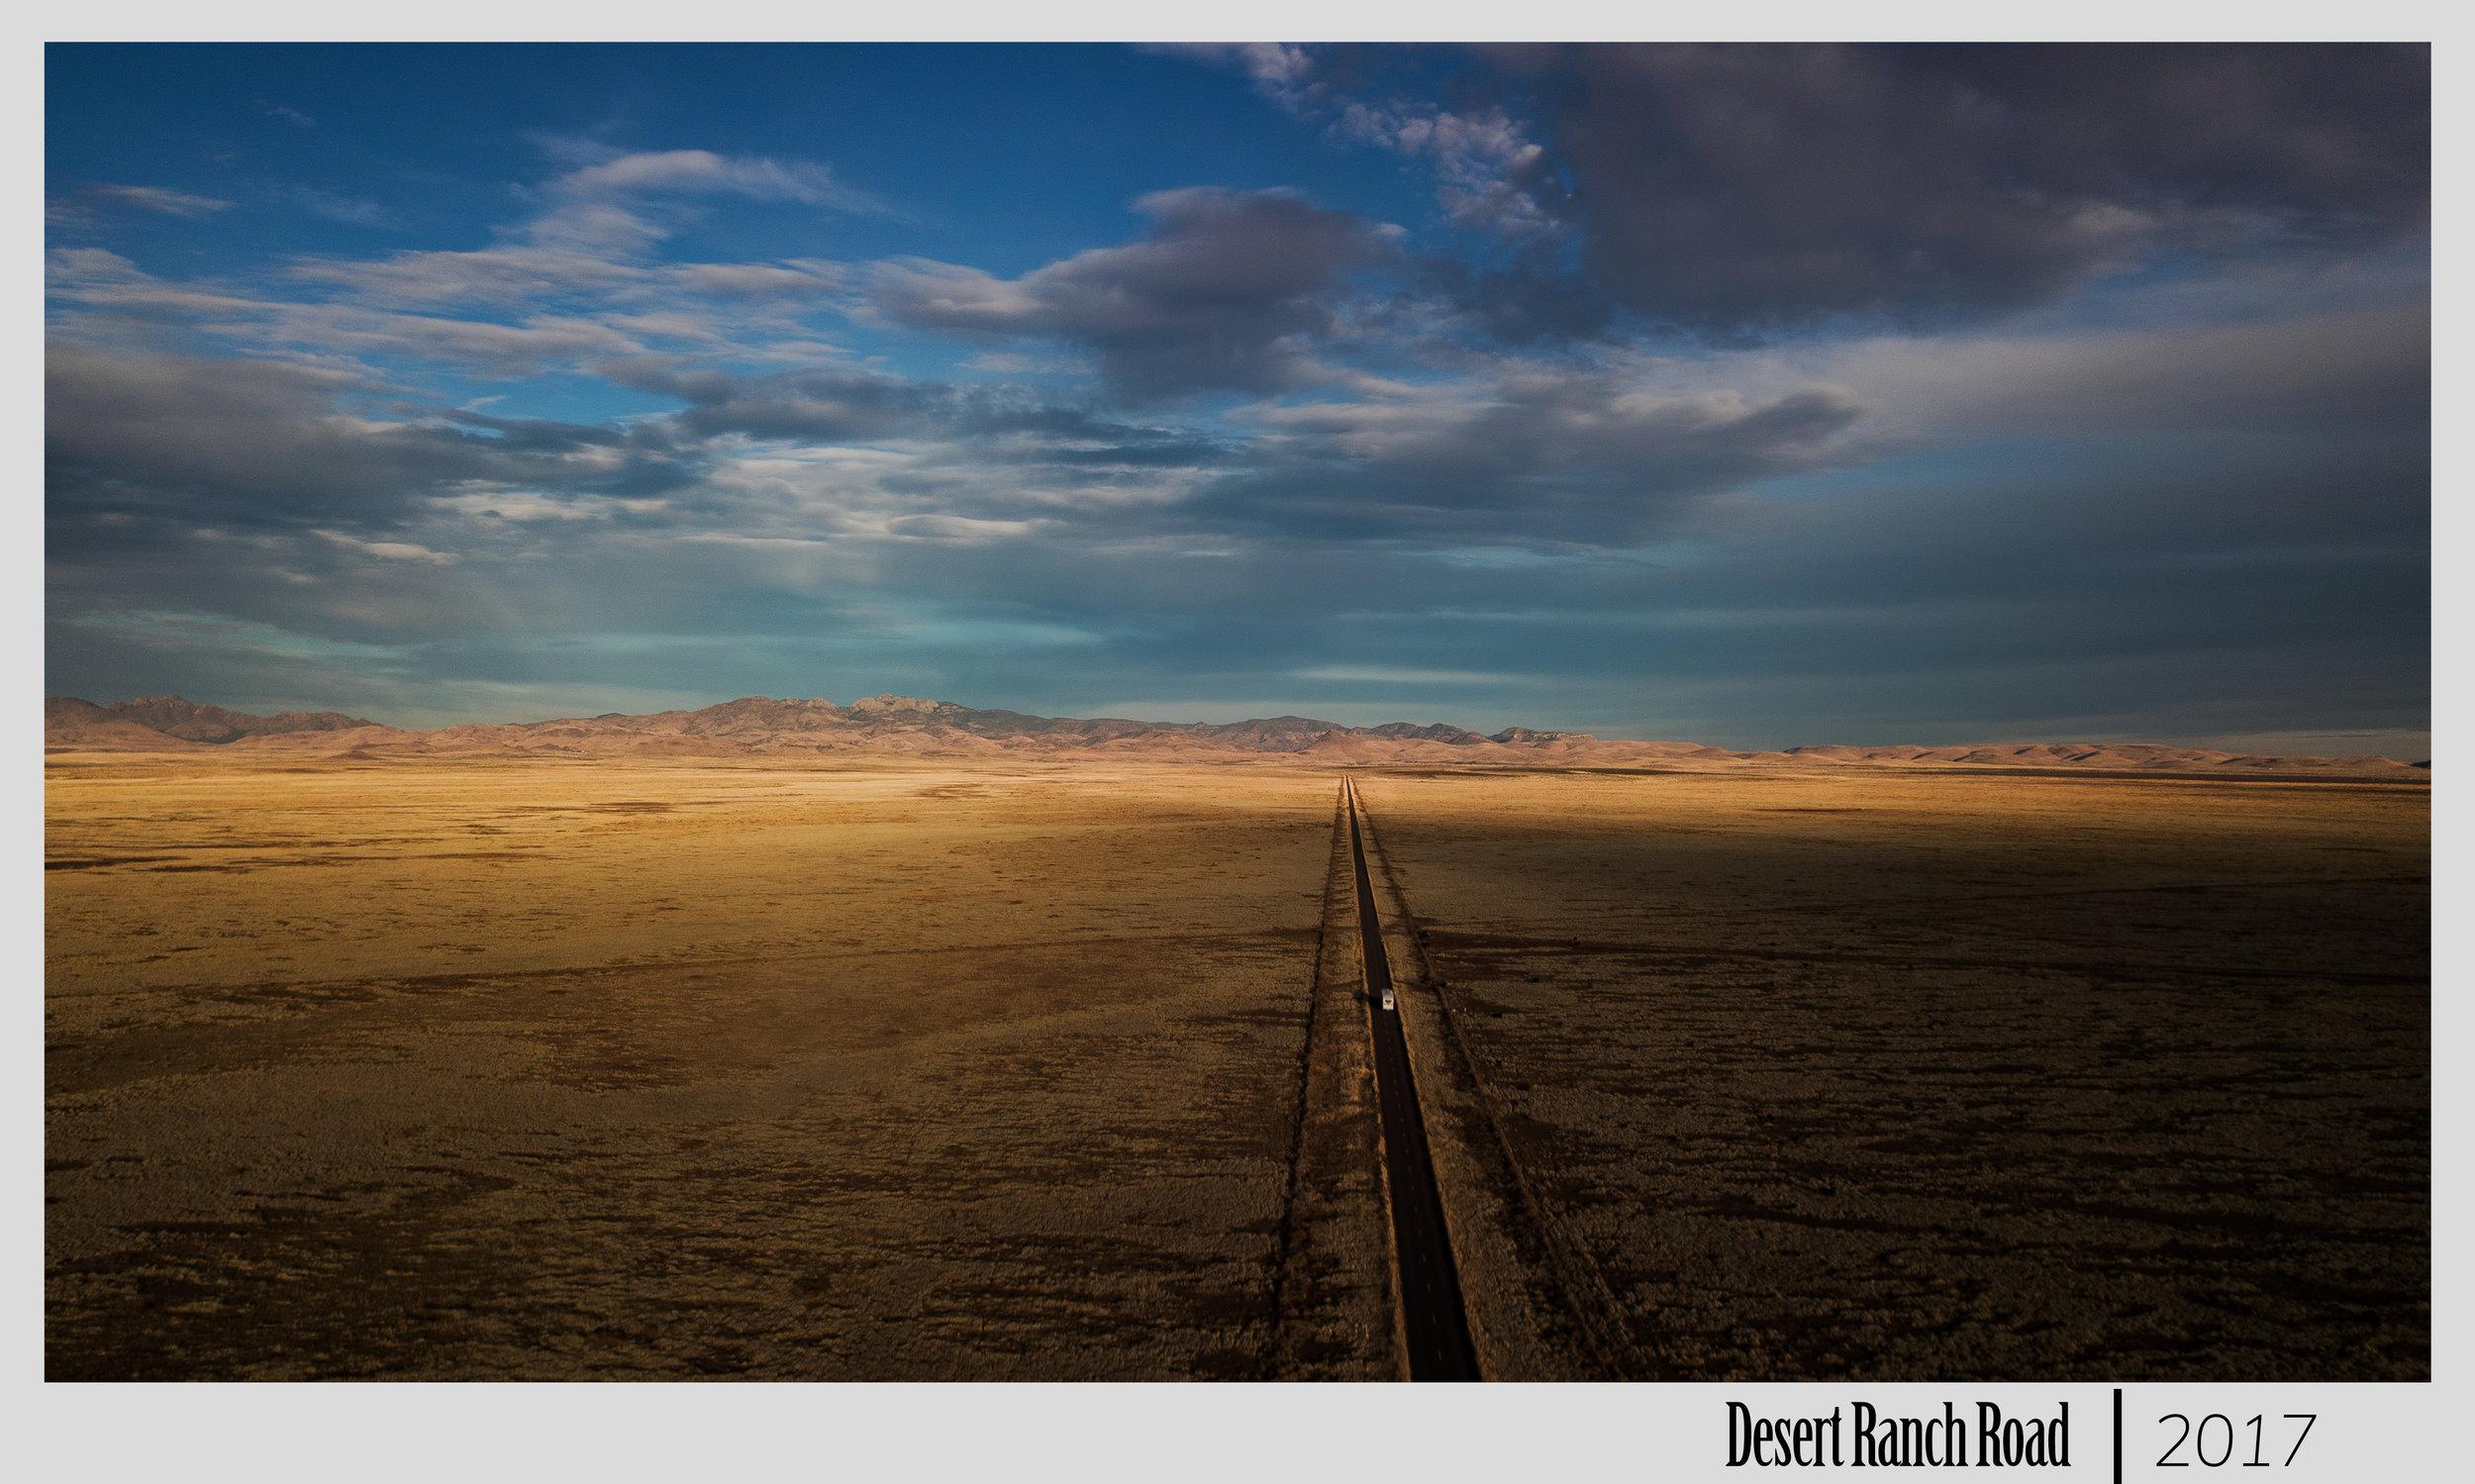 Desert-Ranch-Road.jpg